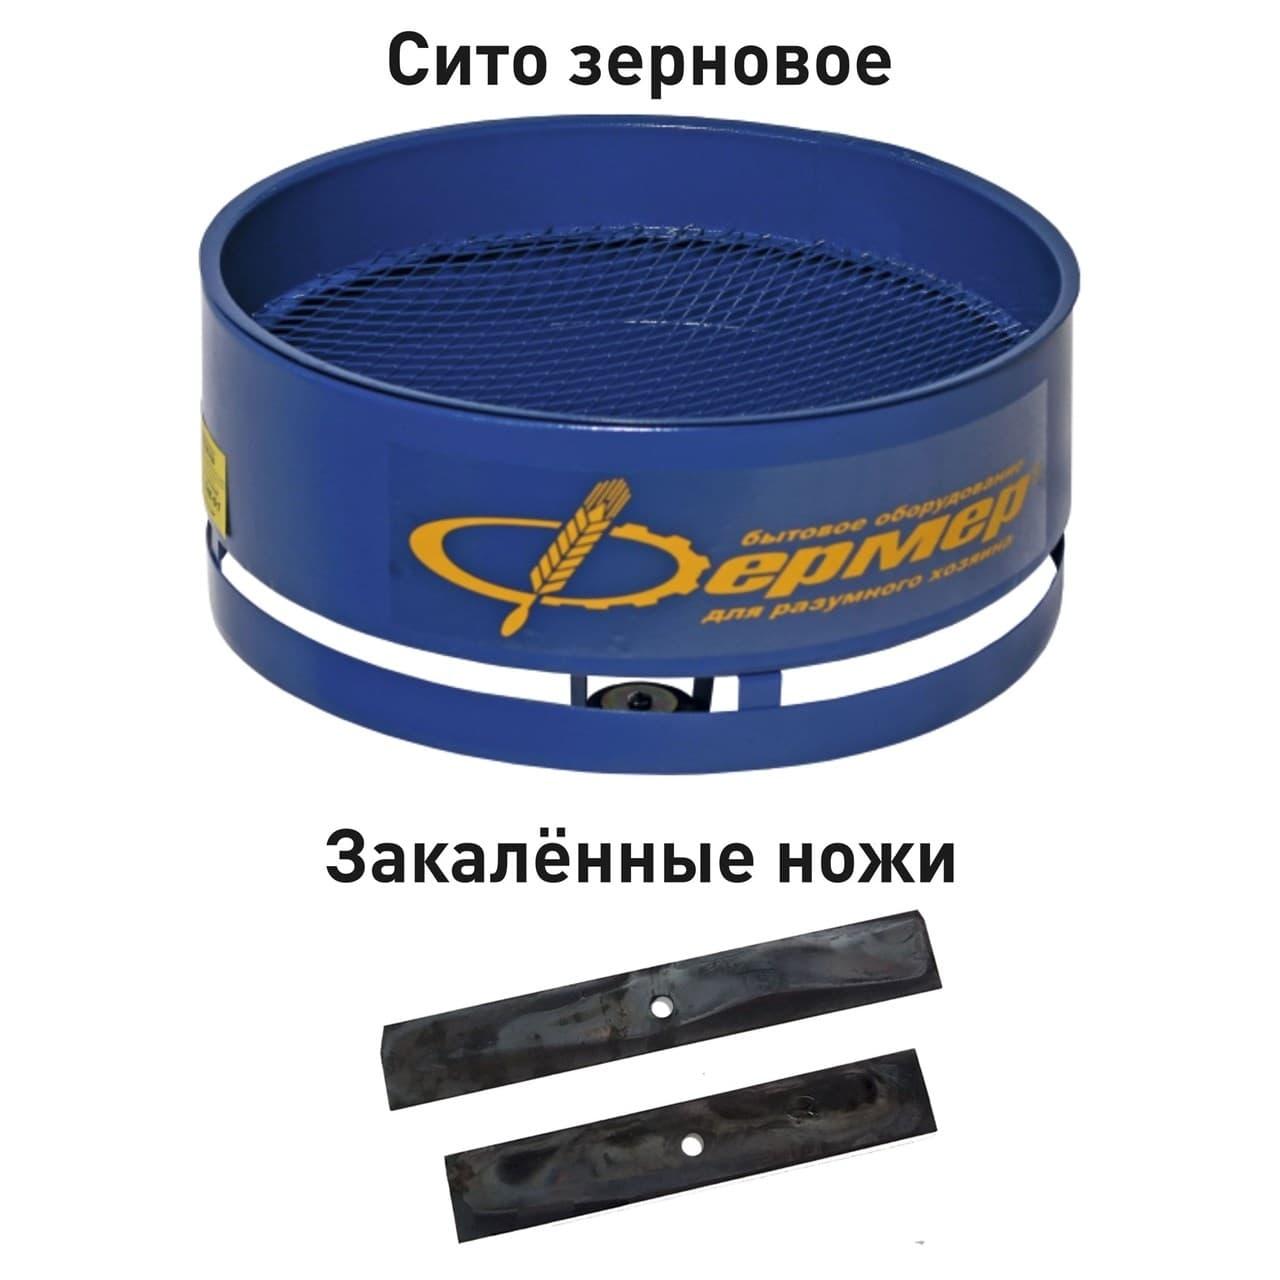 Зернодробилка ФЕРМЕР ИЗЭ-25 1200 Вт, 350 кг/ч, круглая, бункер 25 л. - фото 9908